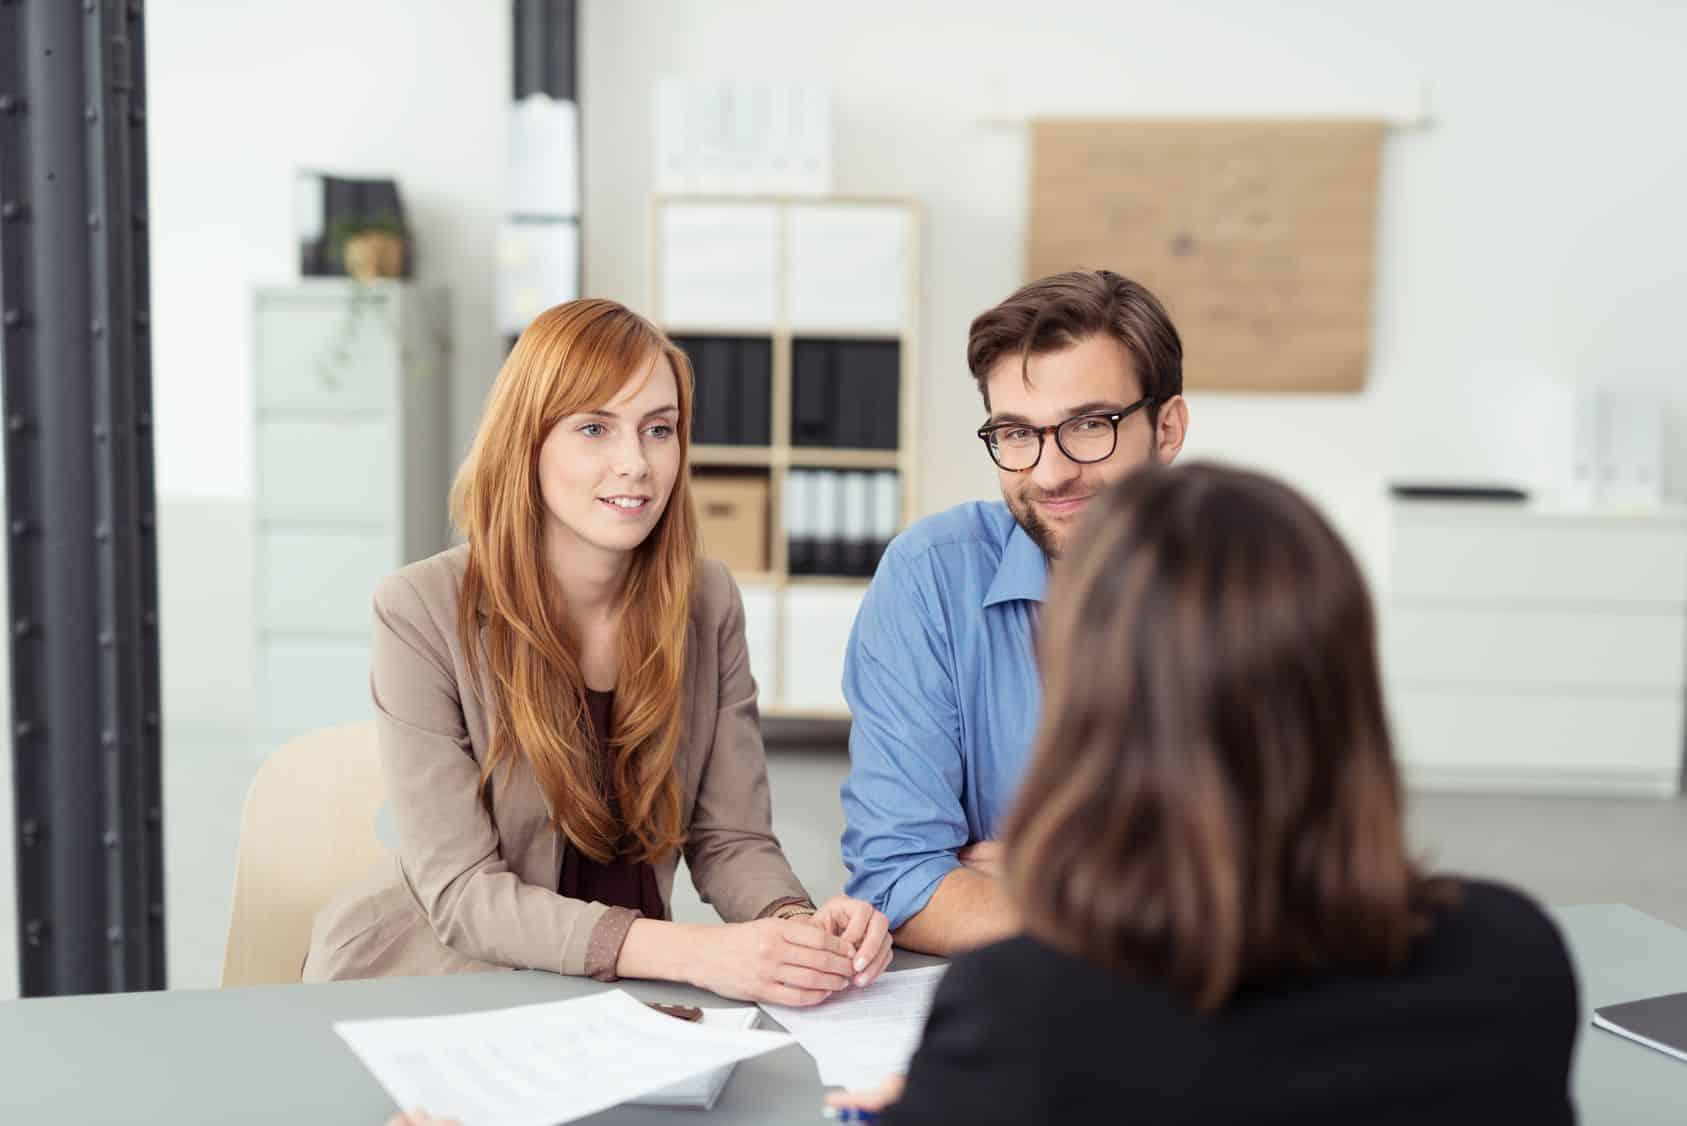 Szybkie pożyczki online, przez telefon czy w placówce - jakie udogodnienia oferują firmy pożyczkowe?